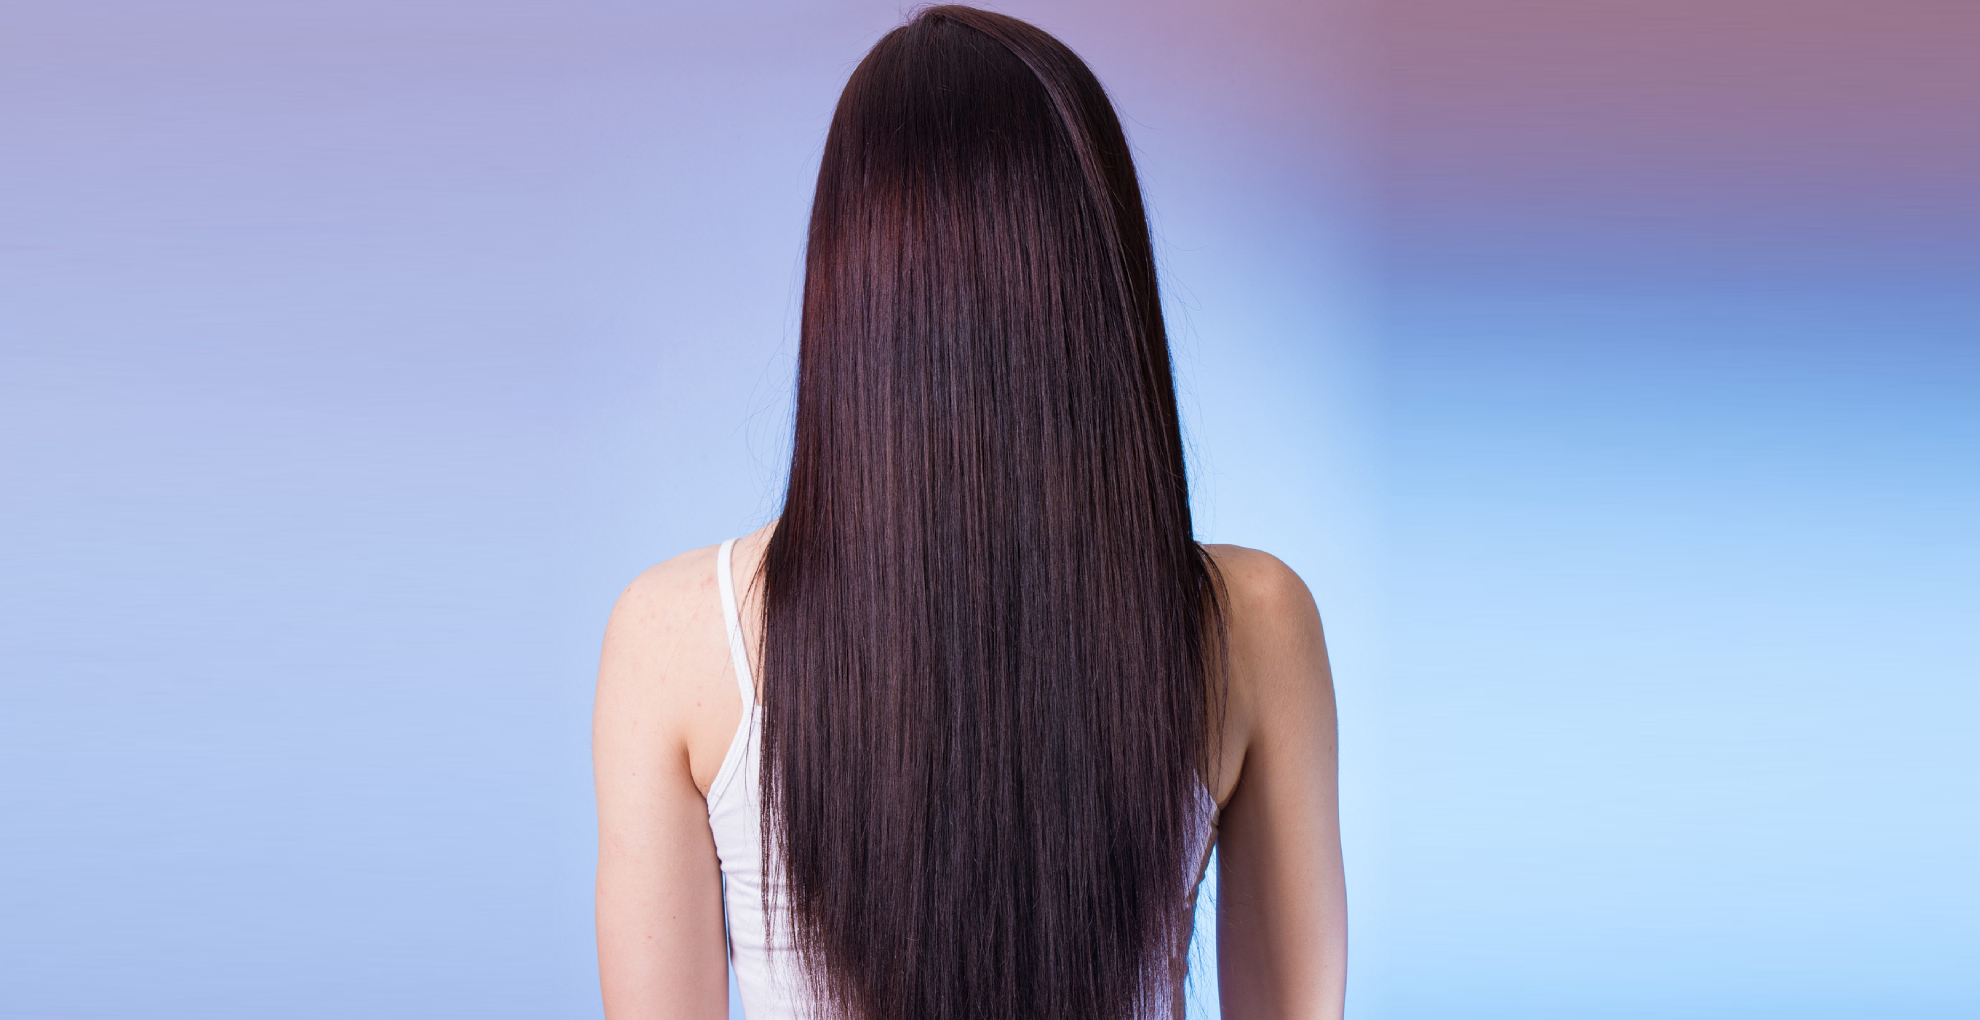 Hair Care Tips: नारियल तेल से एक महीने में पा सकती हैं लंबे और घने बाल, ऐसे करें इसका इस्तेमाल